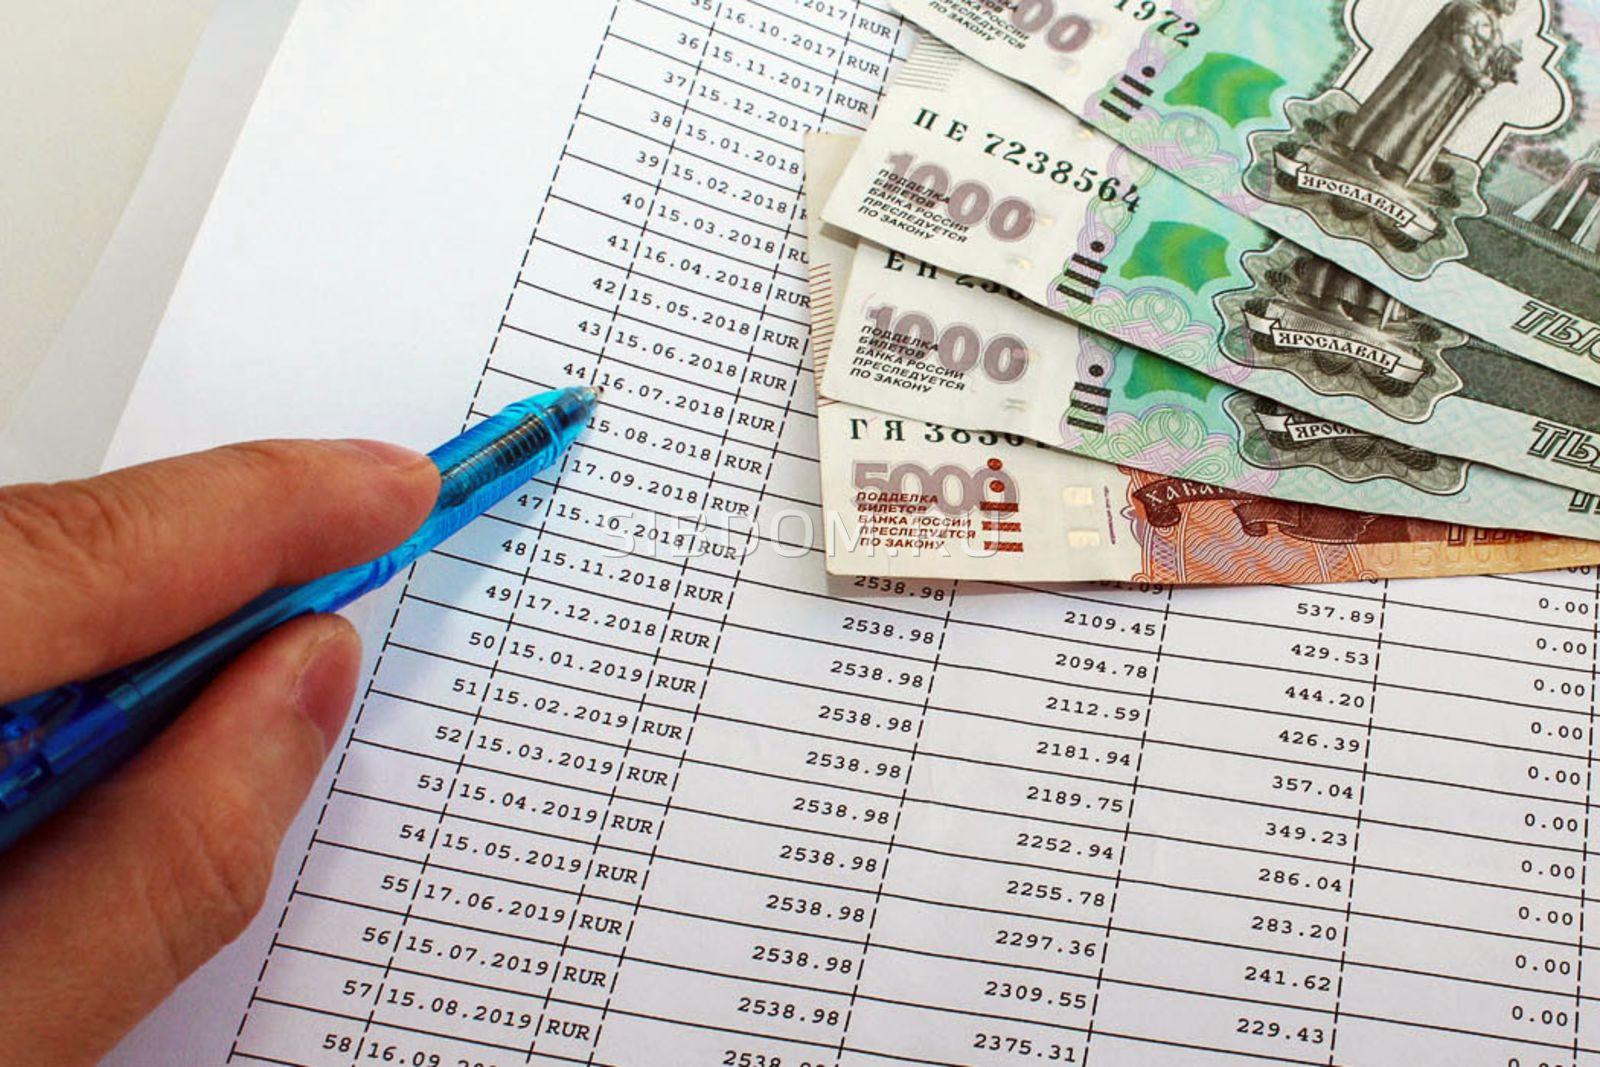 Кредитные каникулы, как оформить и какие условия? - 2lex